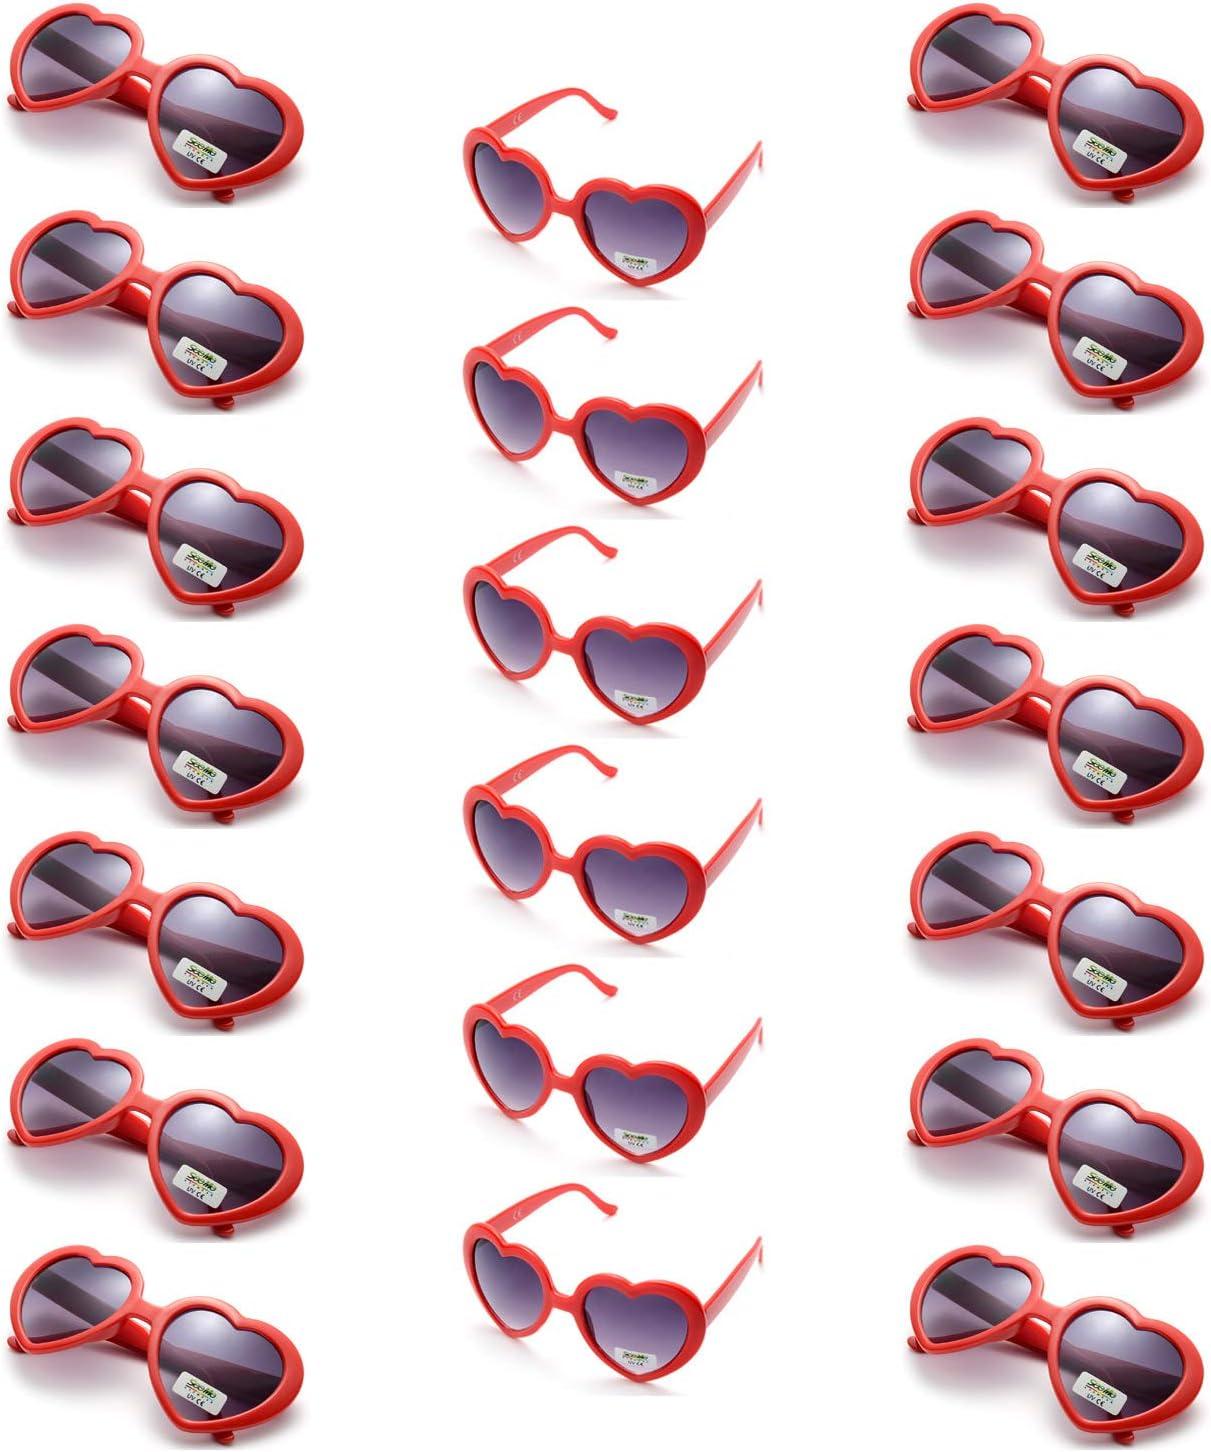 Onnea 20 Pièces Pack Lunettes de Soleil de Fête Forme de Cœur Couleur pour Adultes Femme Homme (20 Pack Rouge) 20 Pack Rouge